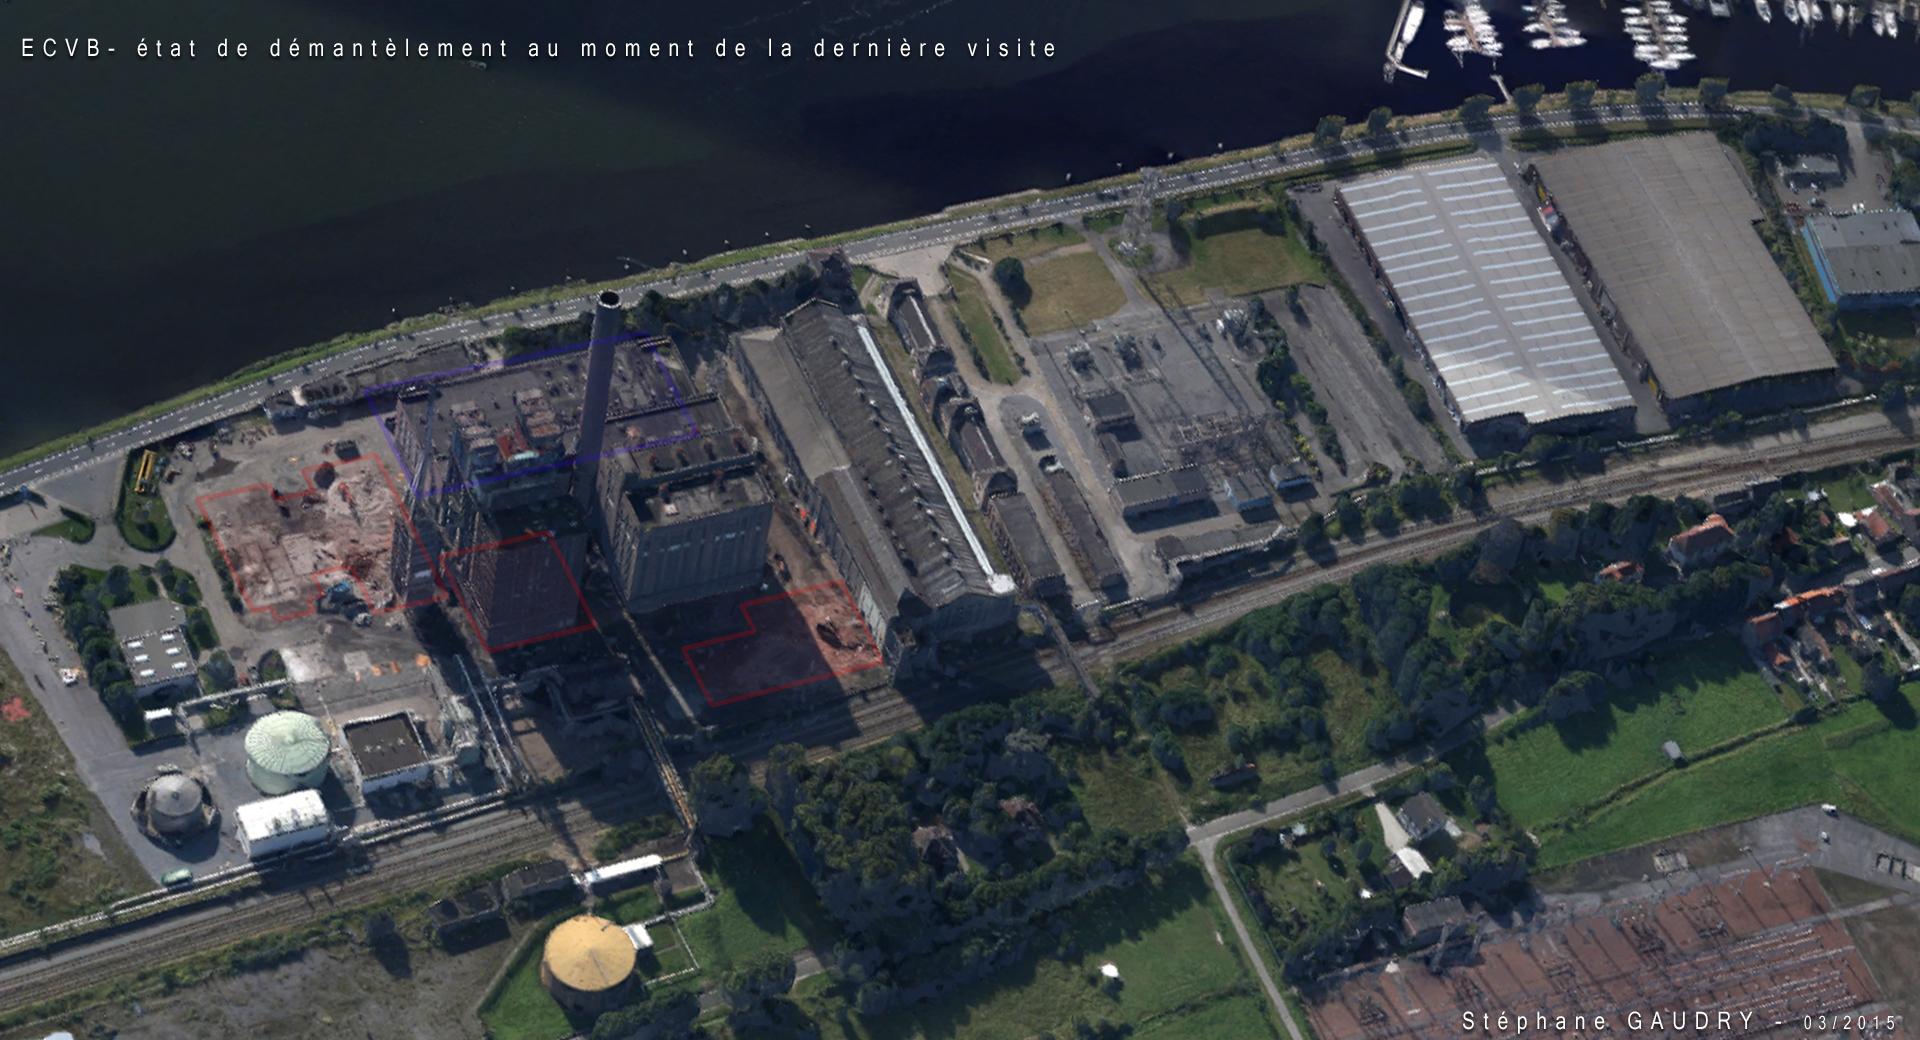 Vue 3D de la centrale électrique ECVB lors de ma dernière visite